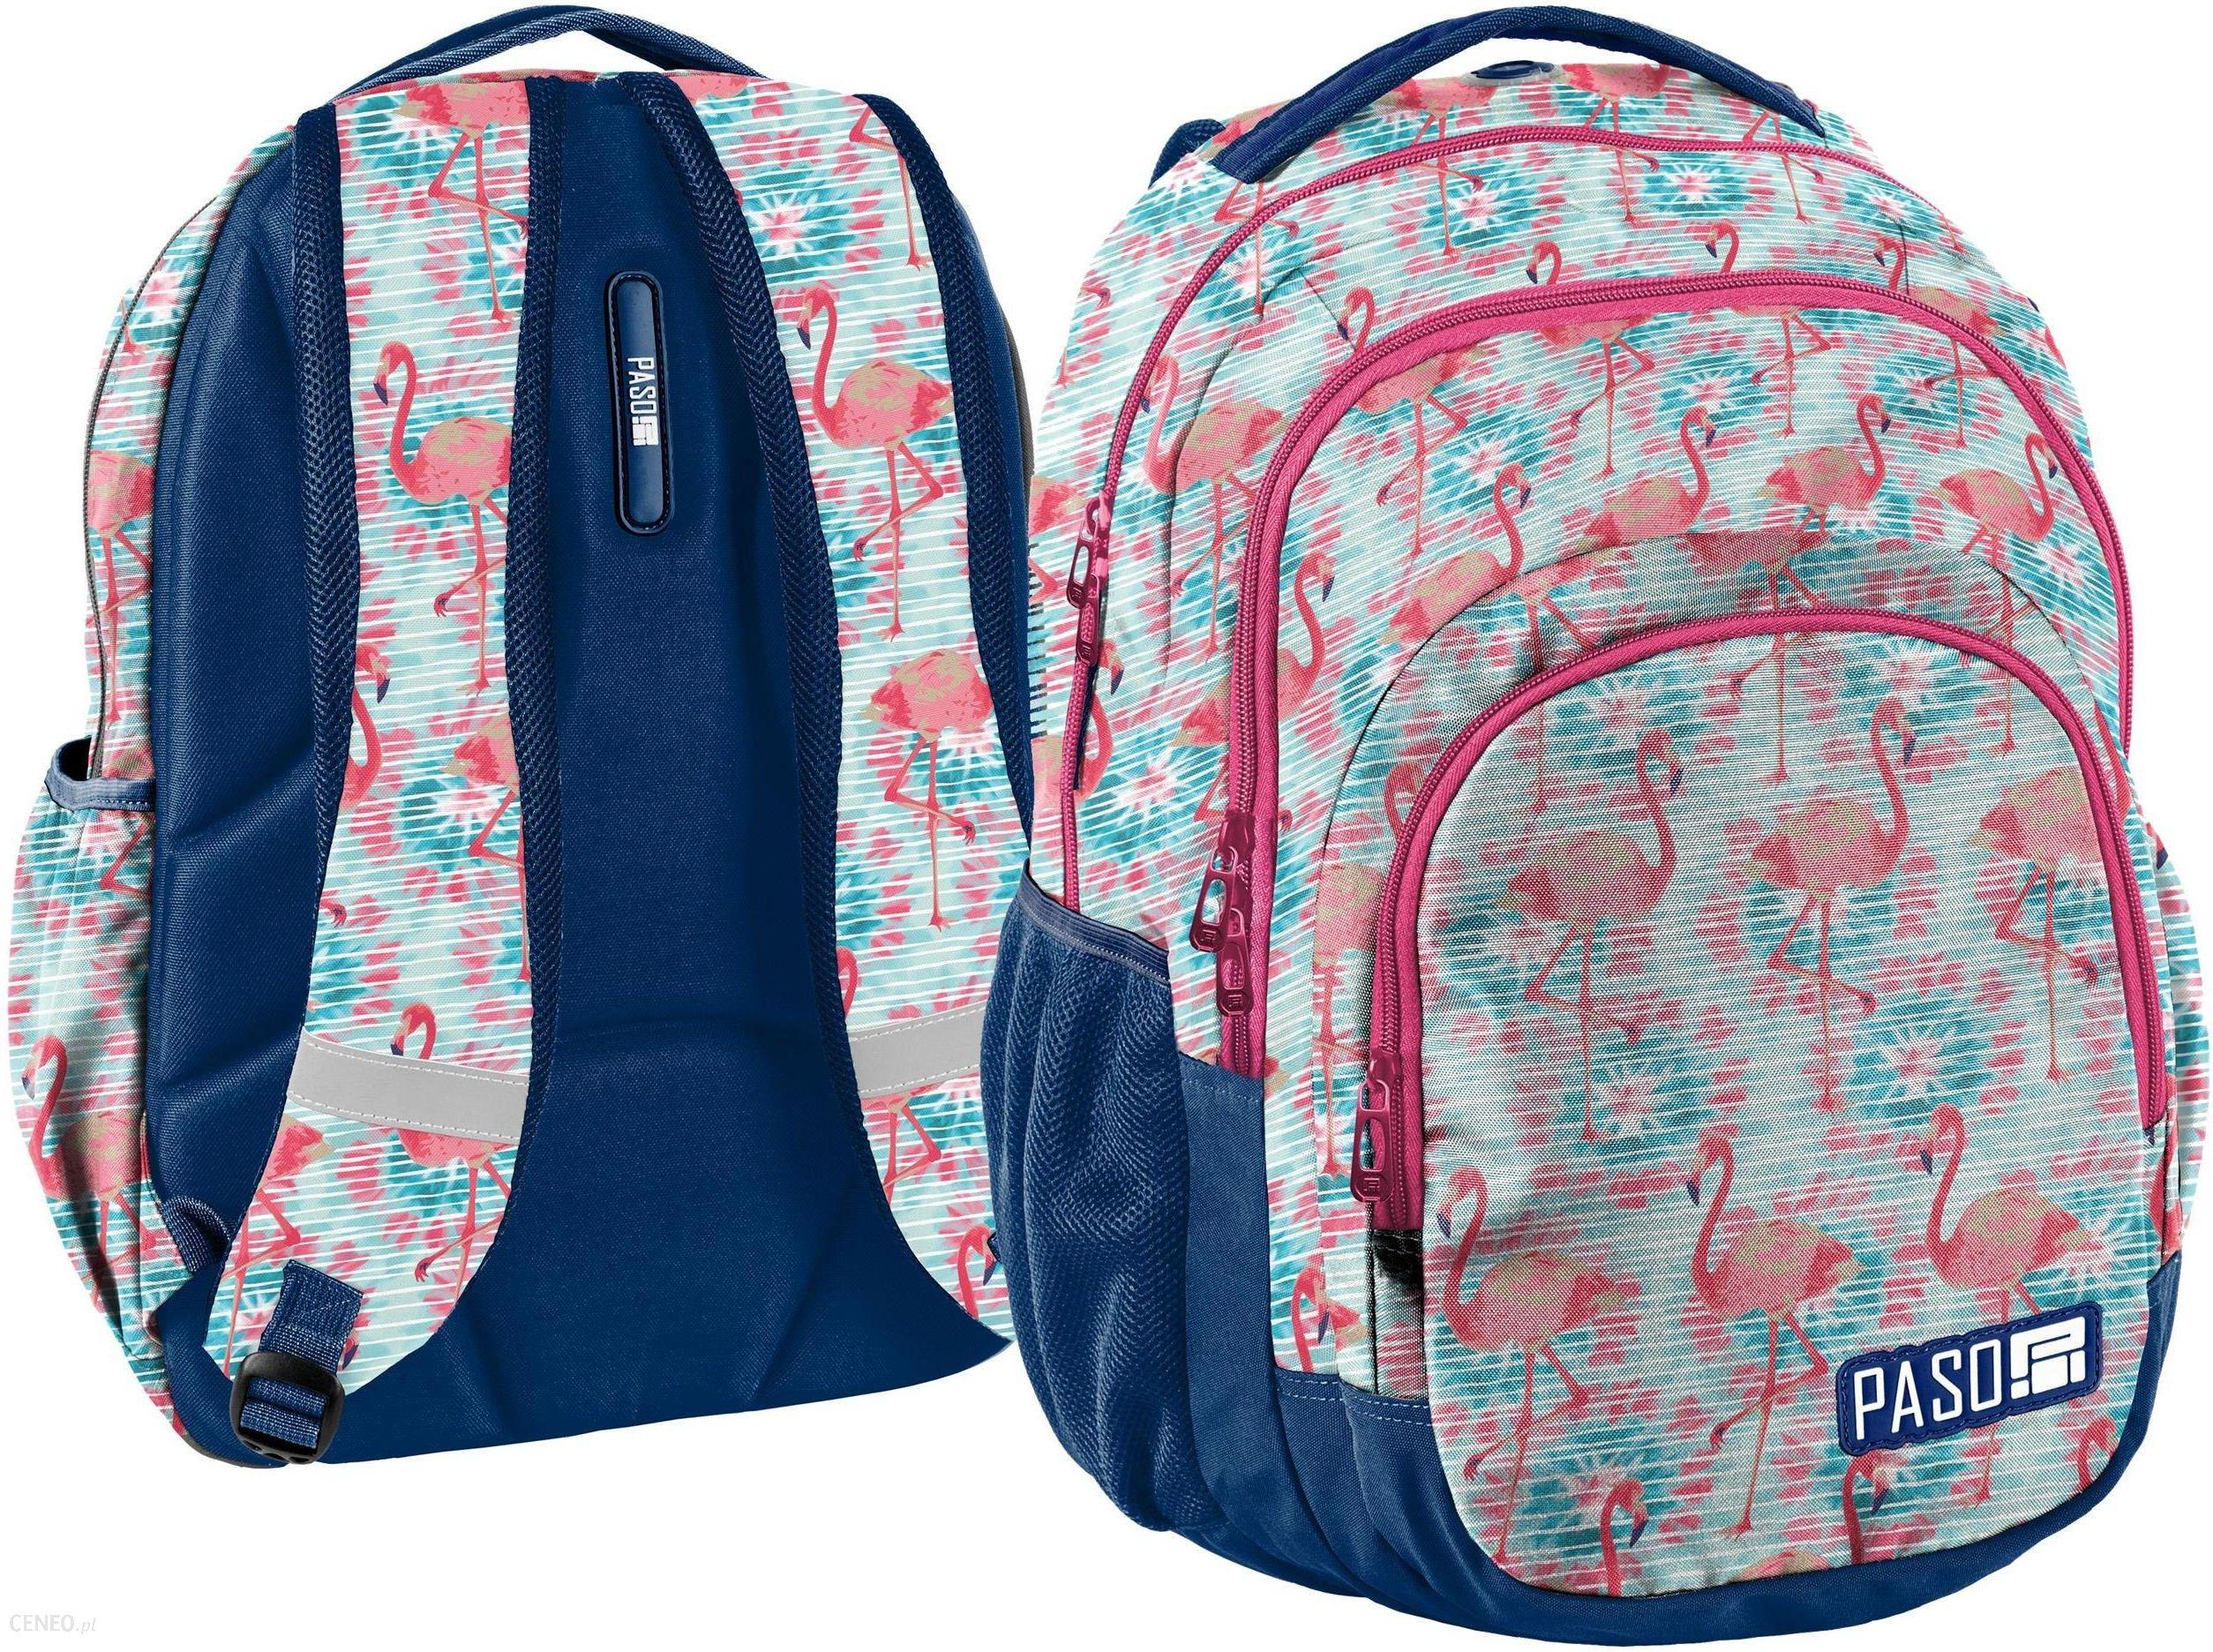 36f8e51232525 Paso Plecak Flamingi - Ceny i opinie - Ceneo.pl